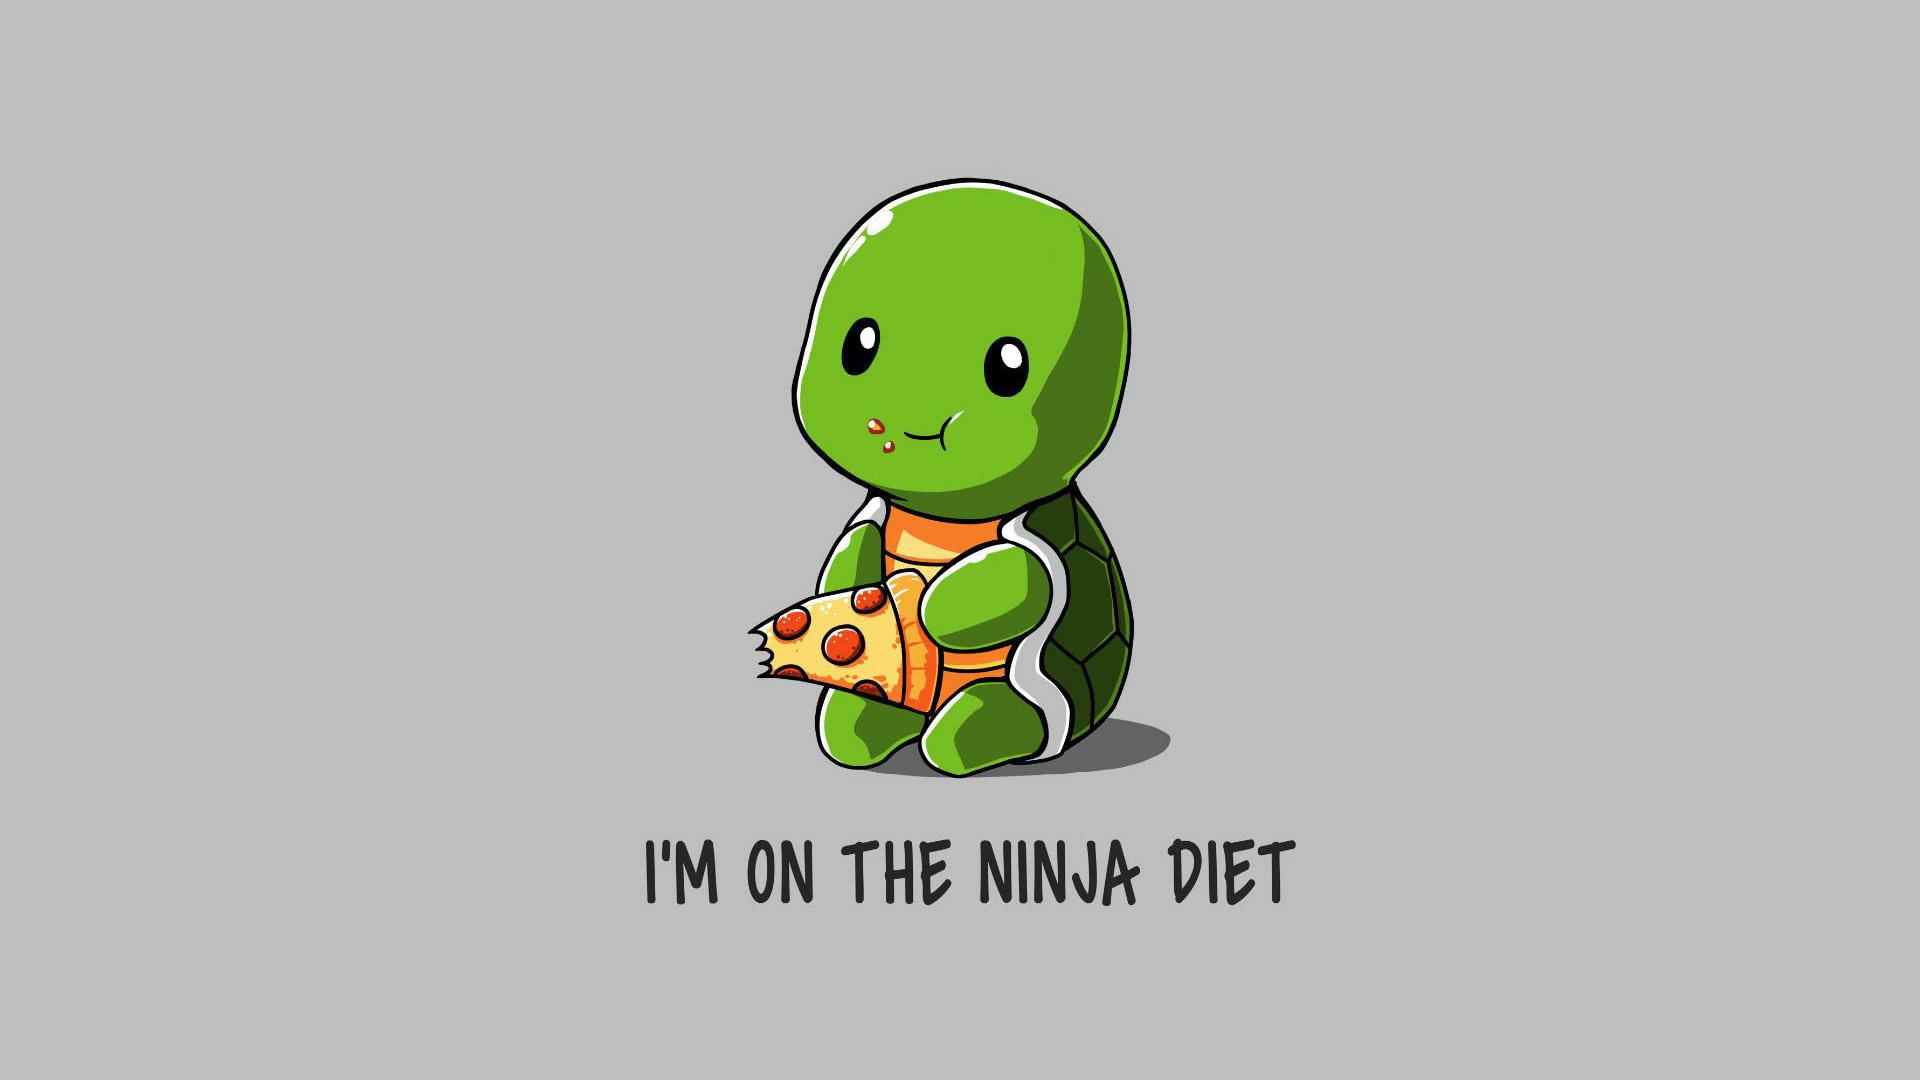 funny ninja on diet